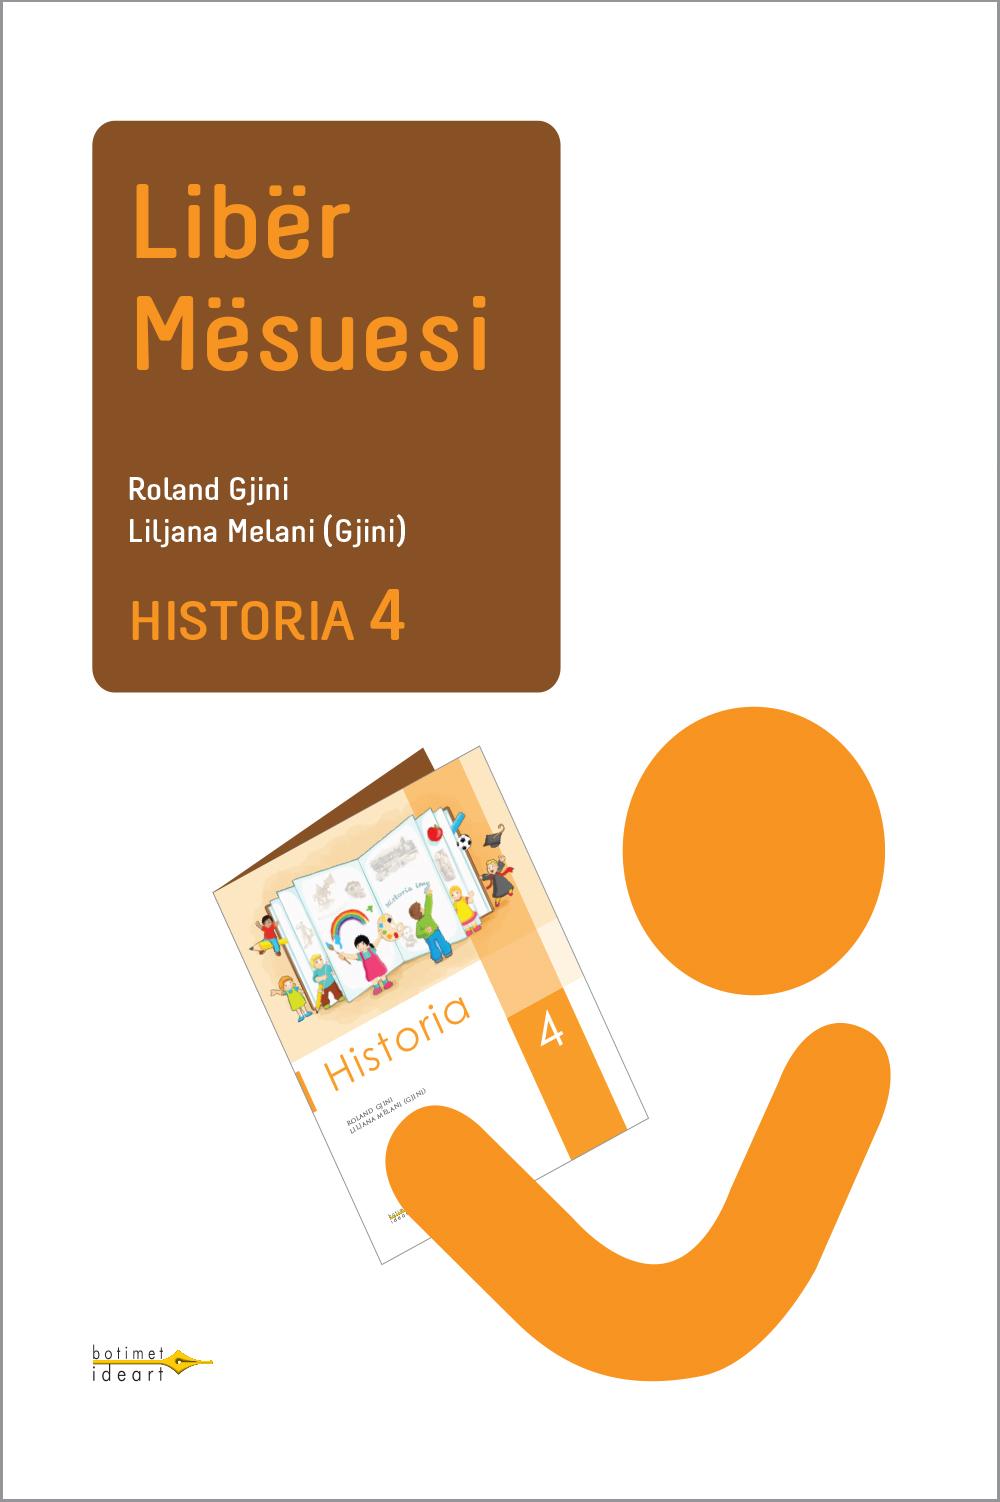 Historia 4<br>Libër Mësuesi